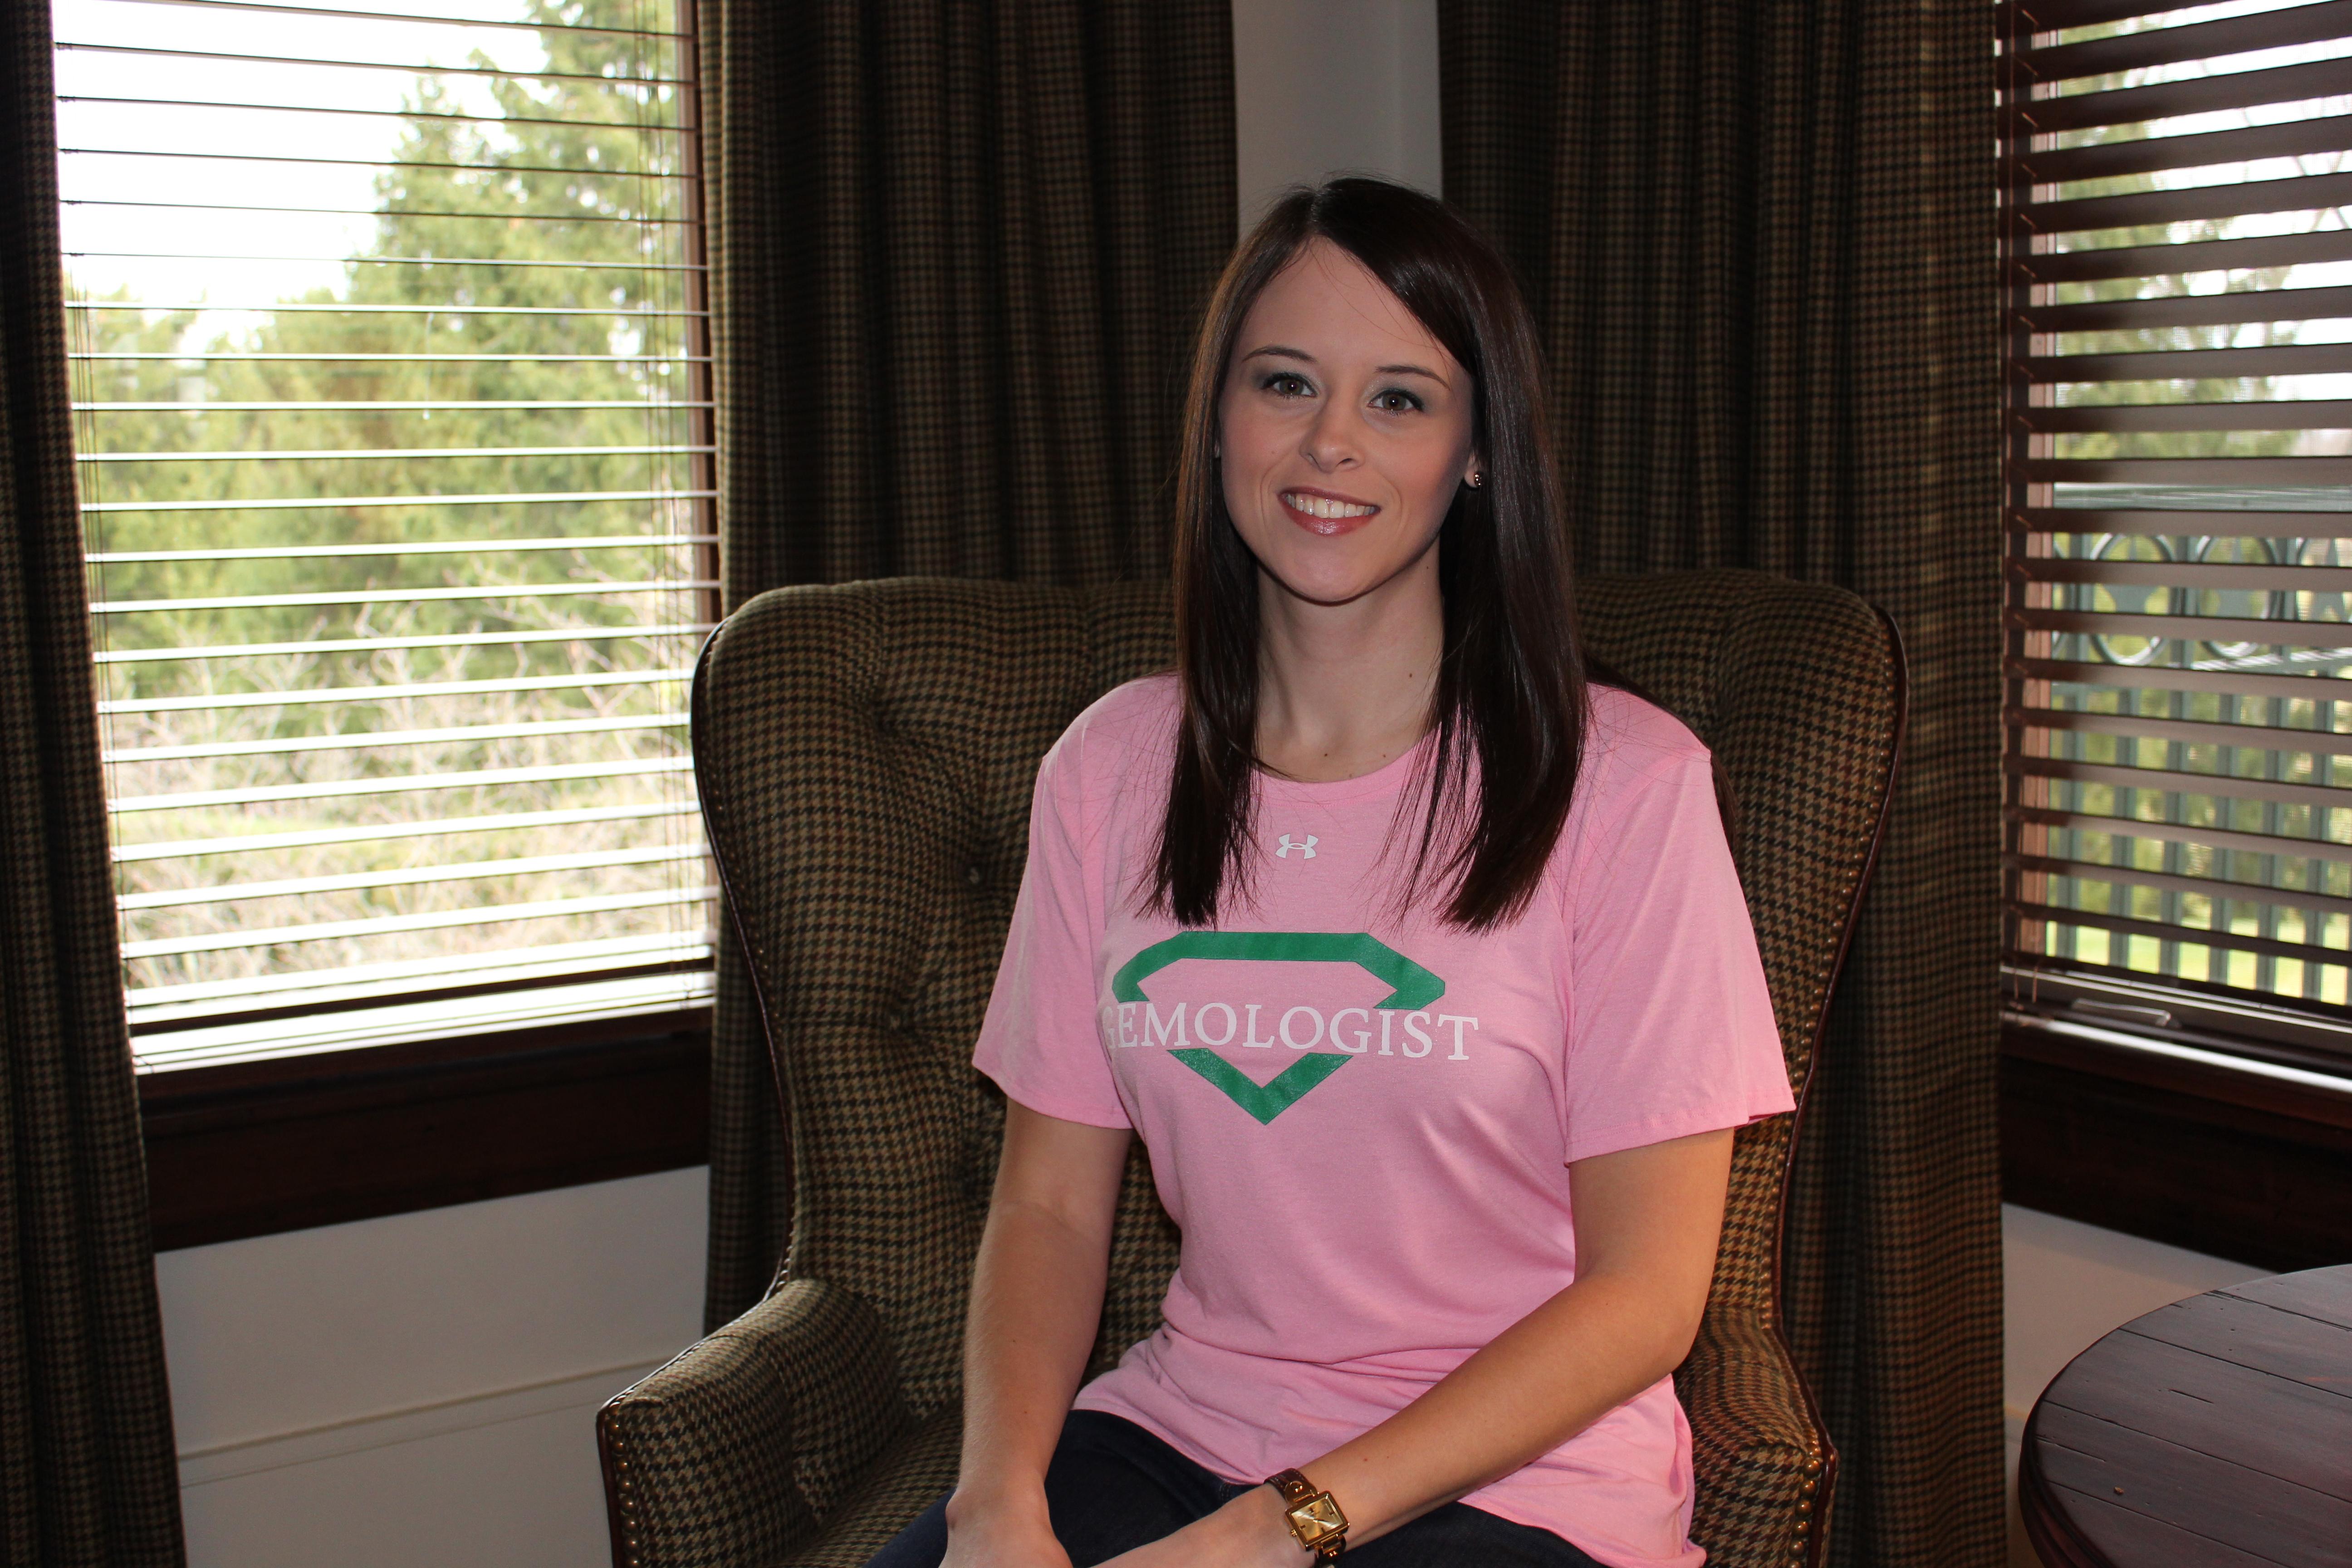 Gemologist T-Shirt - Women's-130